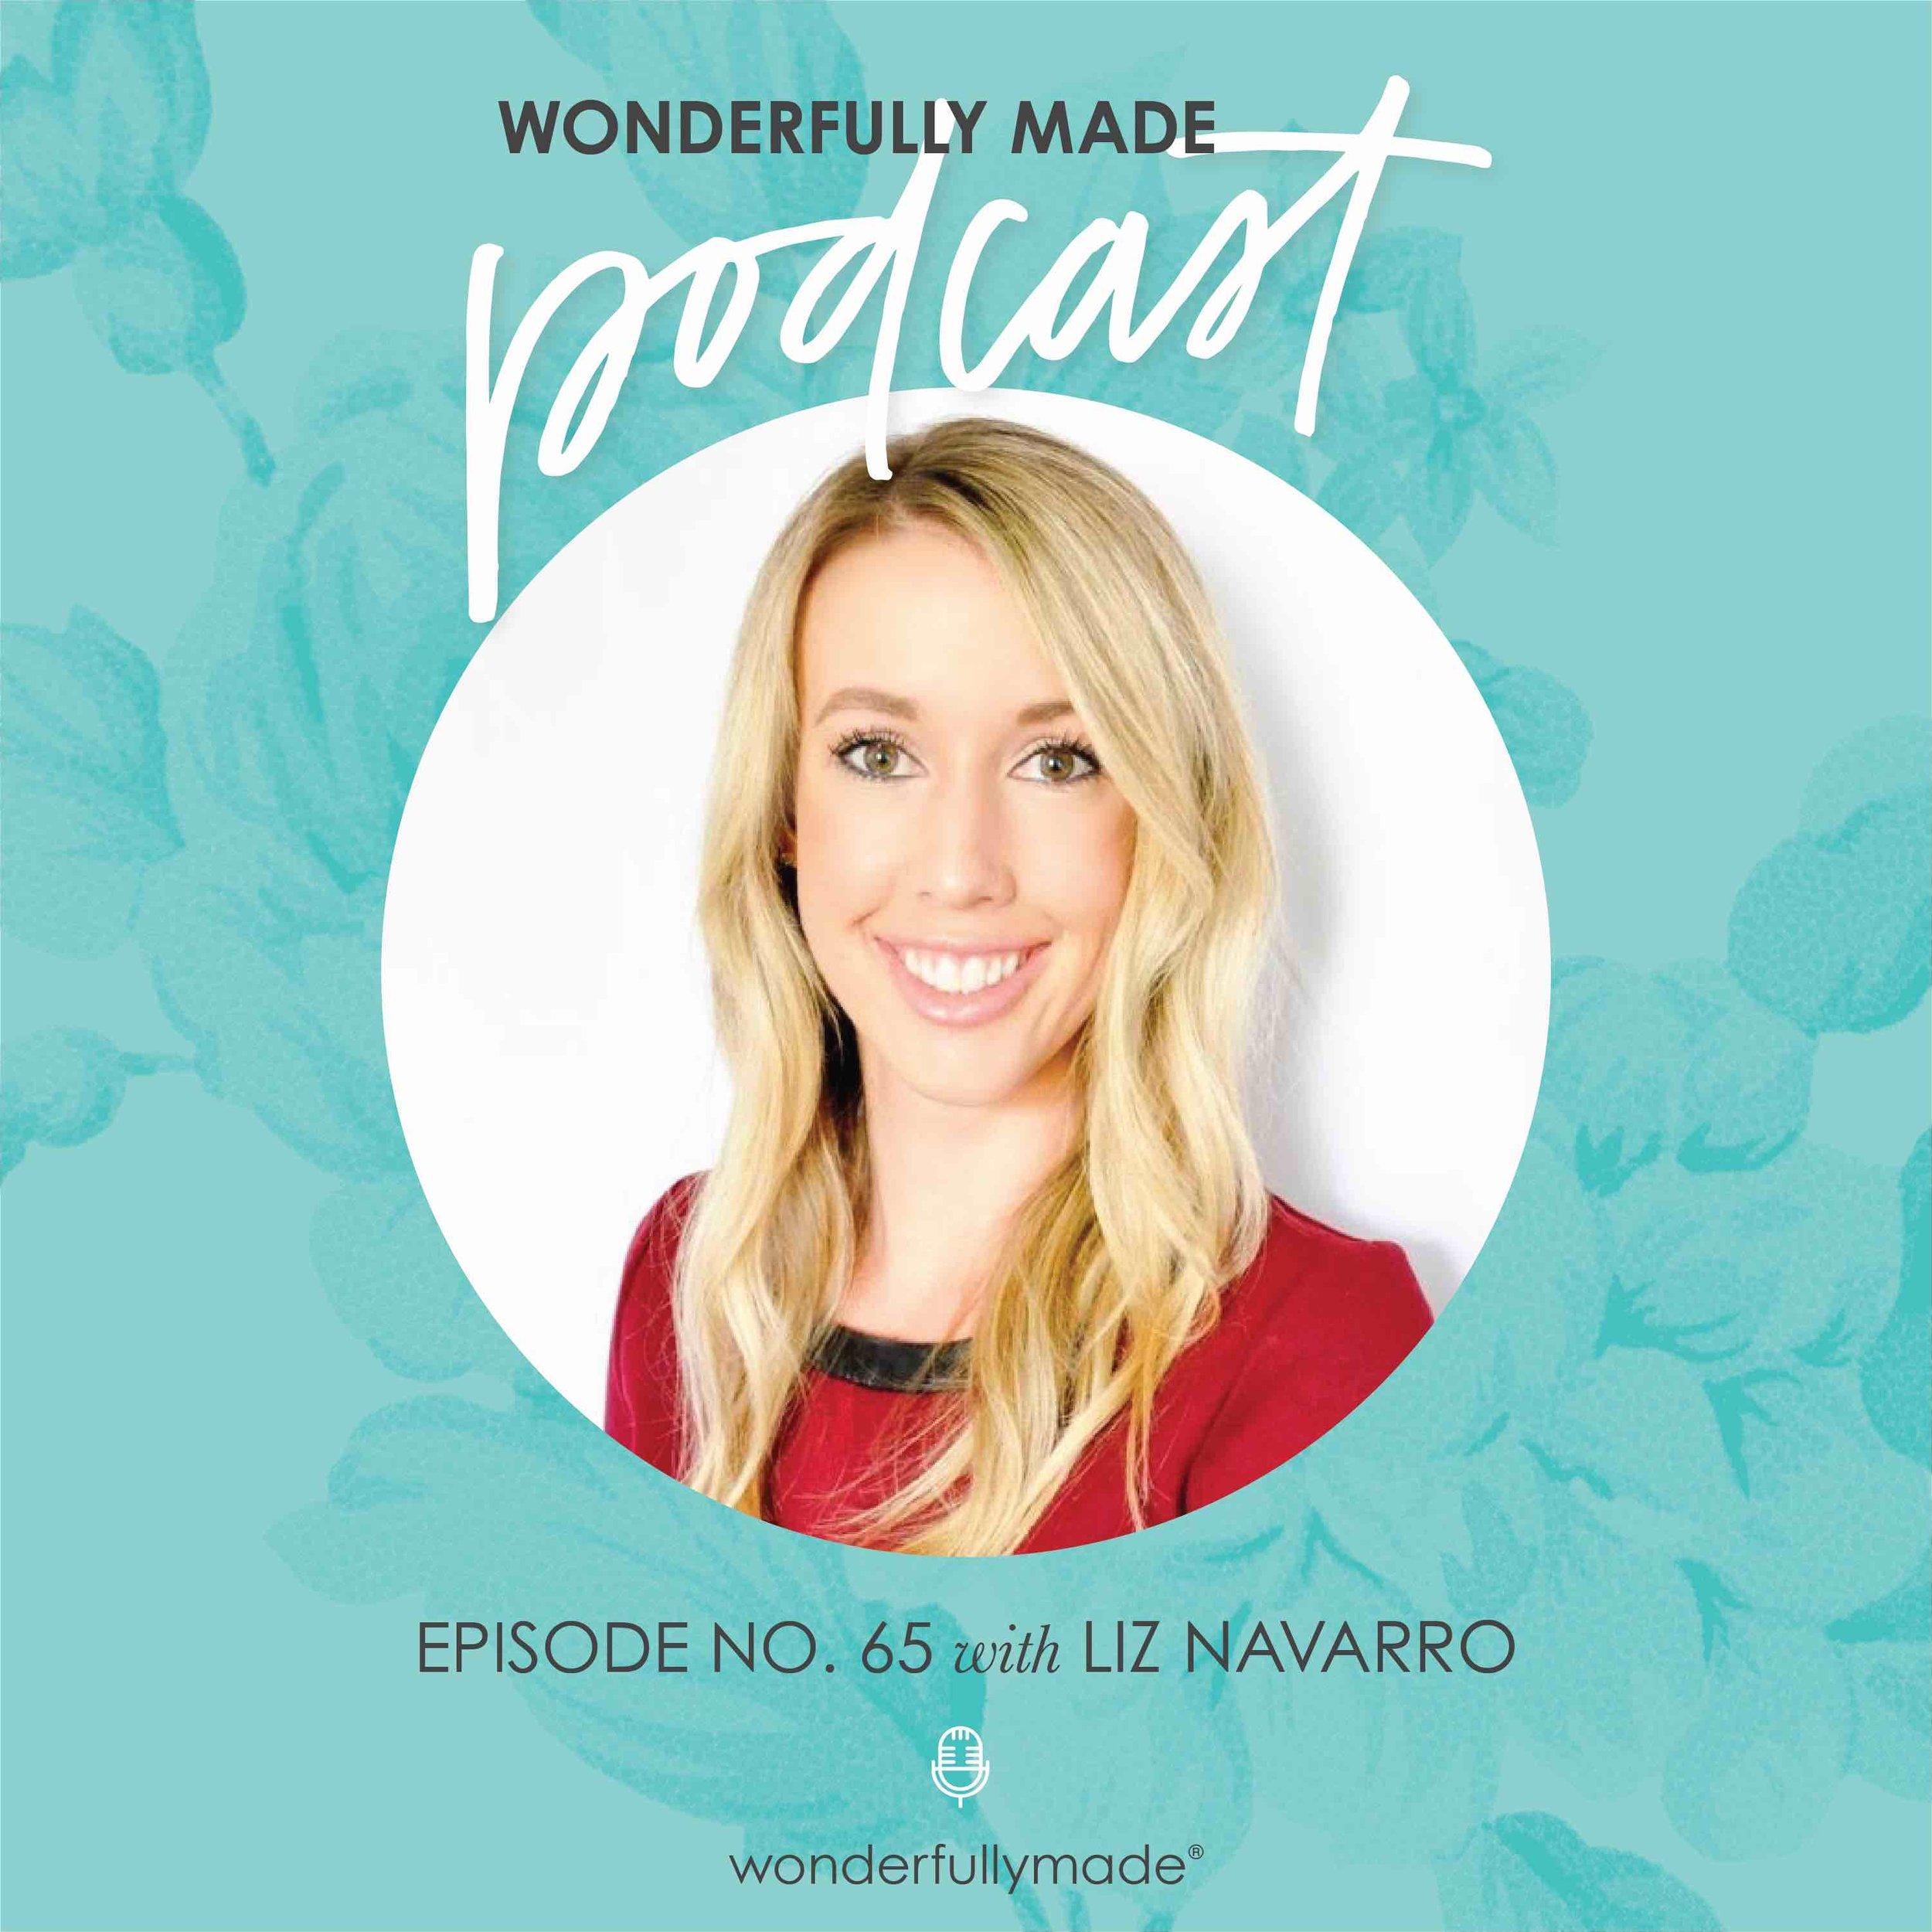 Wonderfully-Made-Podcast_Liz-Navarro_sm.jpg